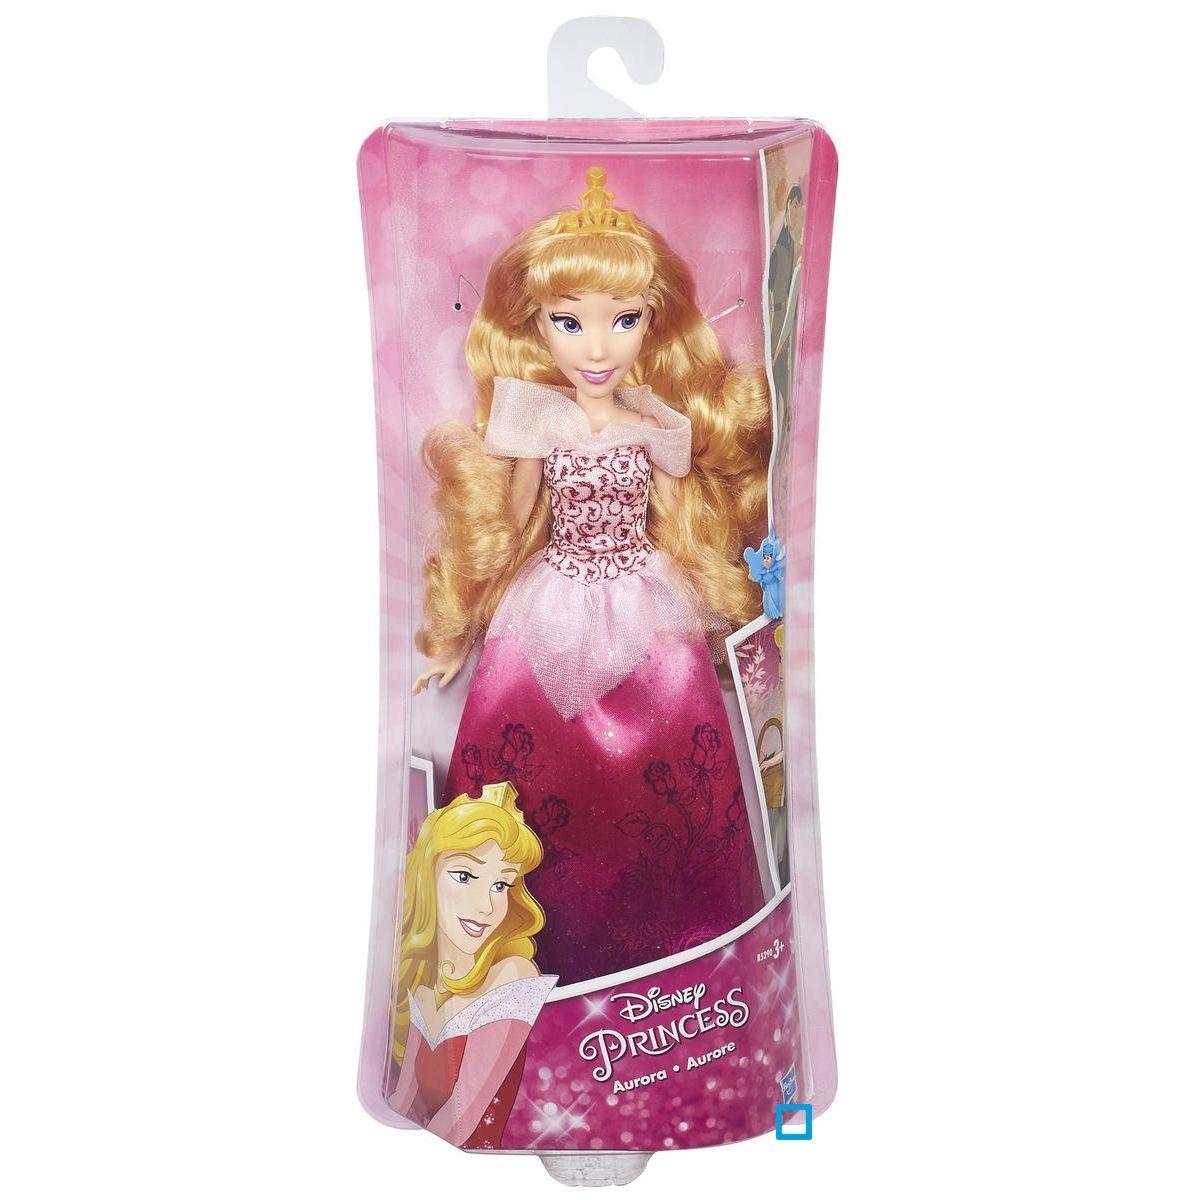 Disney Princess - Aurore Poussière d'Etoiles - HASB5290ES20 - HASB5290ES21 - HASB5290ES30